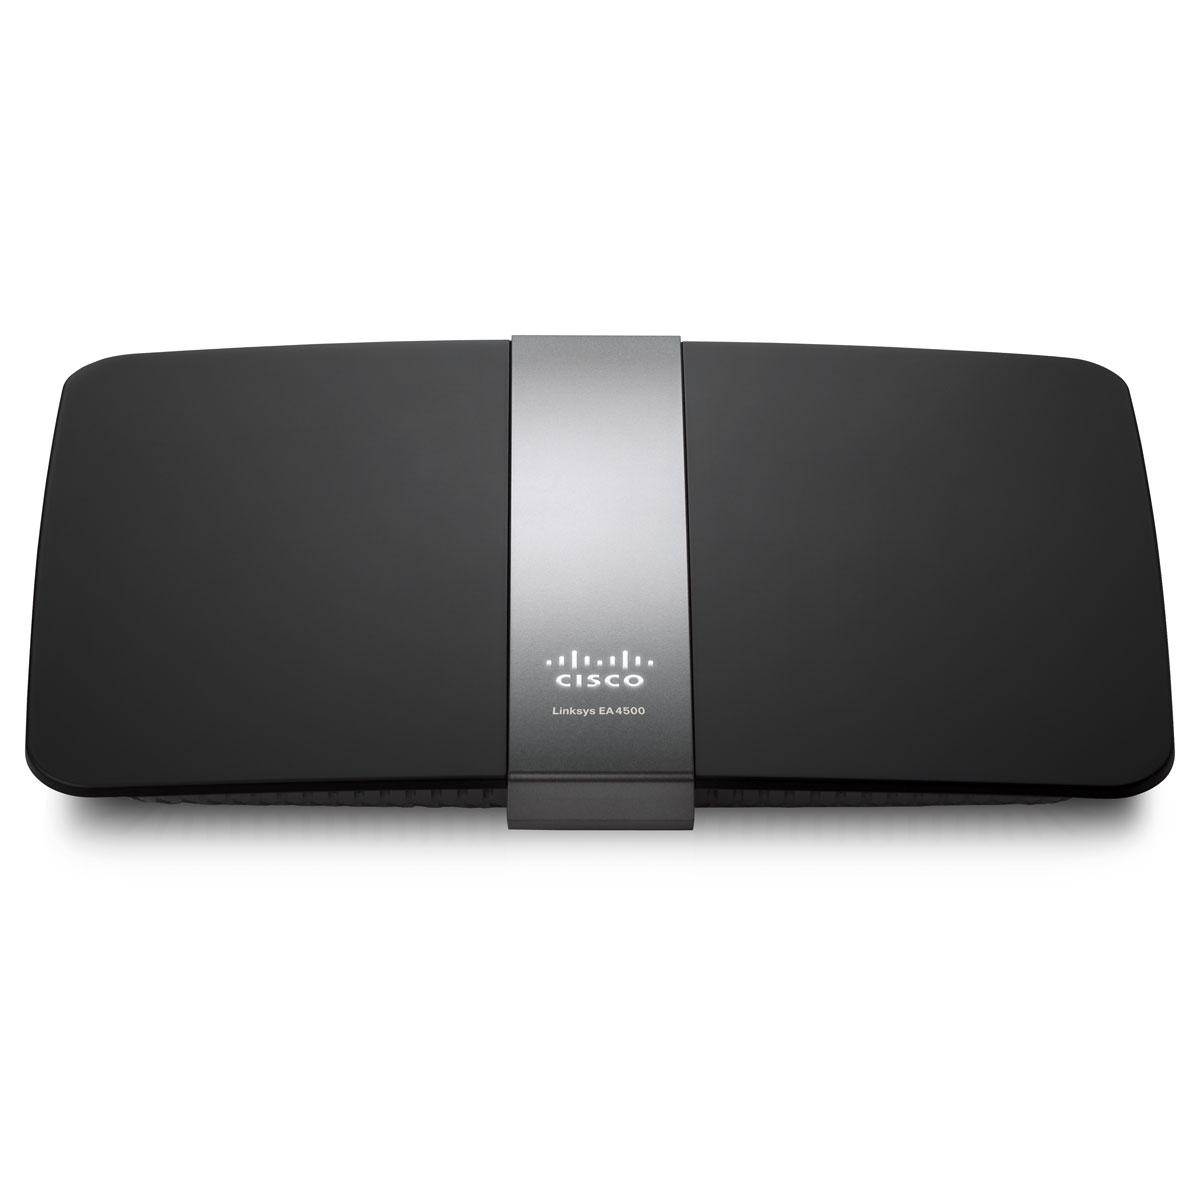 Modem & routeur Linksys EA4500 Routeur haut débit sans fil N 450 Mbps Dual band avec serveur DLNA intégré